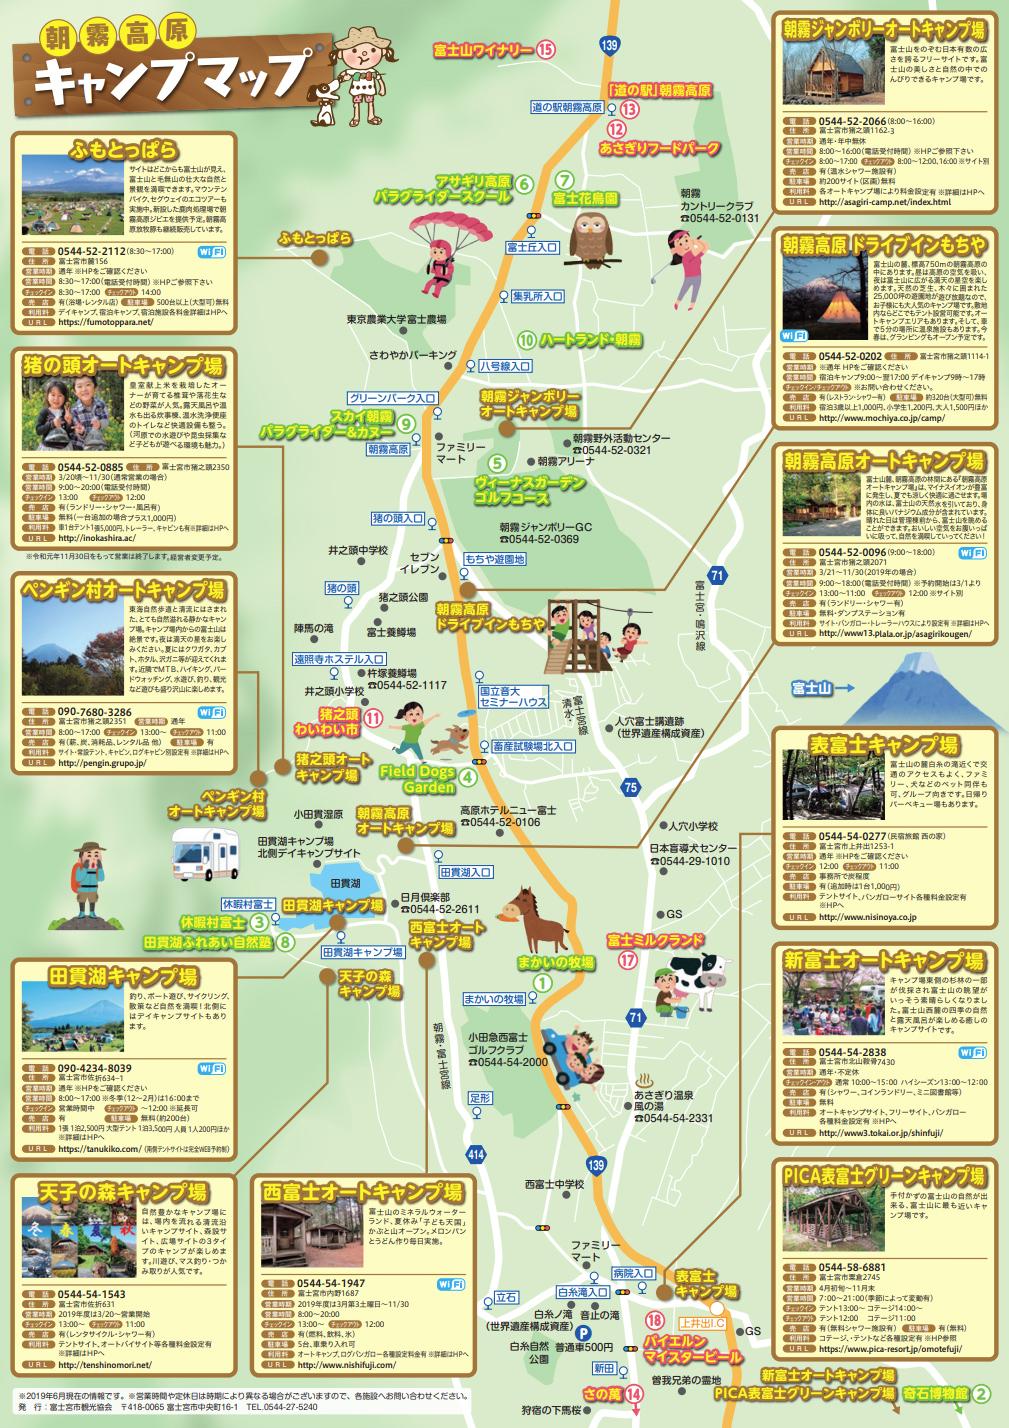 キャンプ場体験・食材ガイド/キャンプマップ